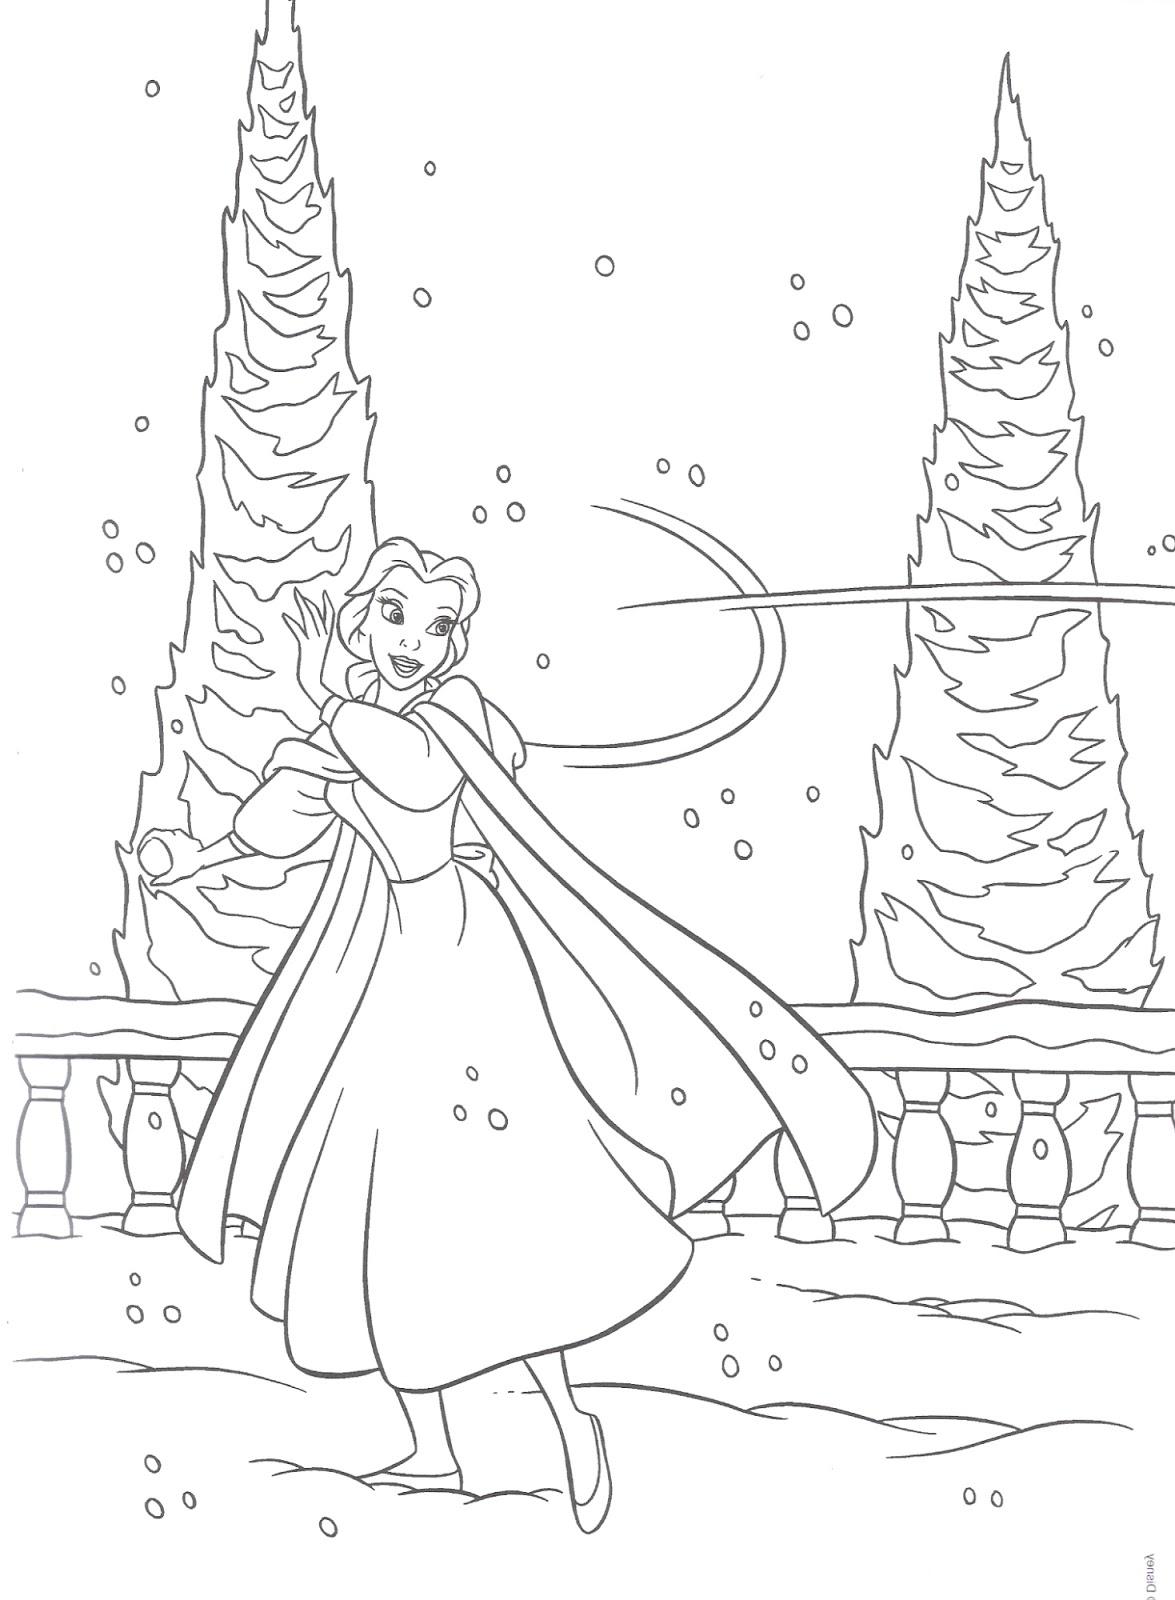 Dibujos Para Colorear Princesas Disney Navidad Imagesacolorierwebsite